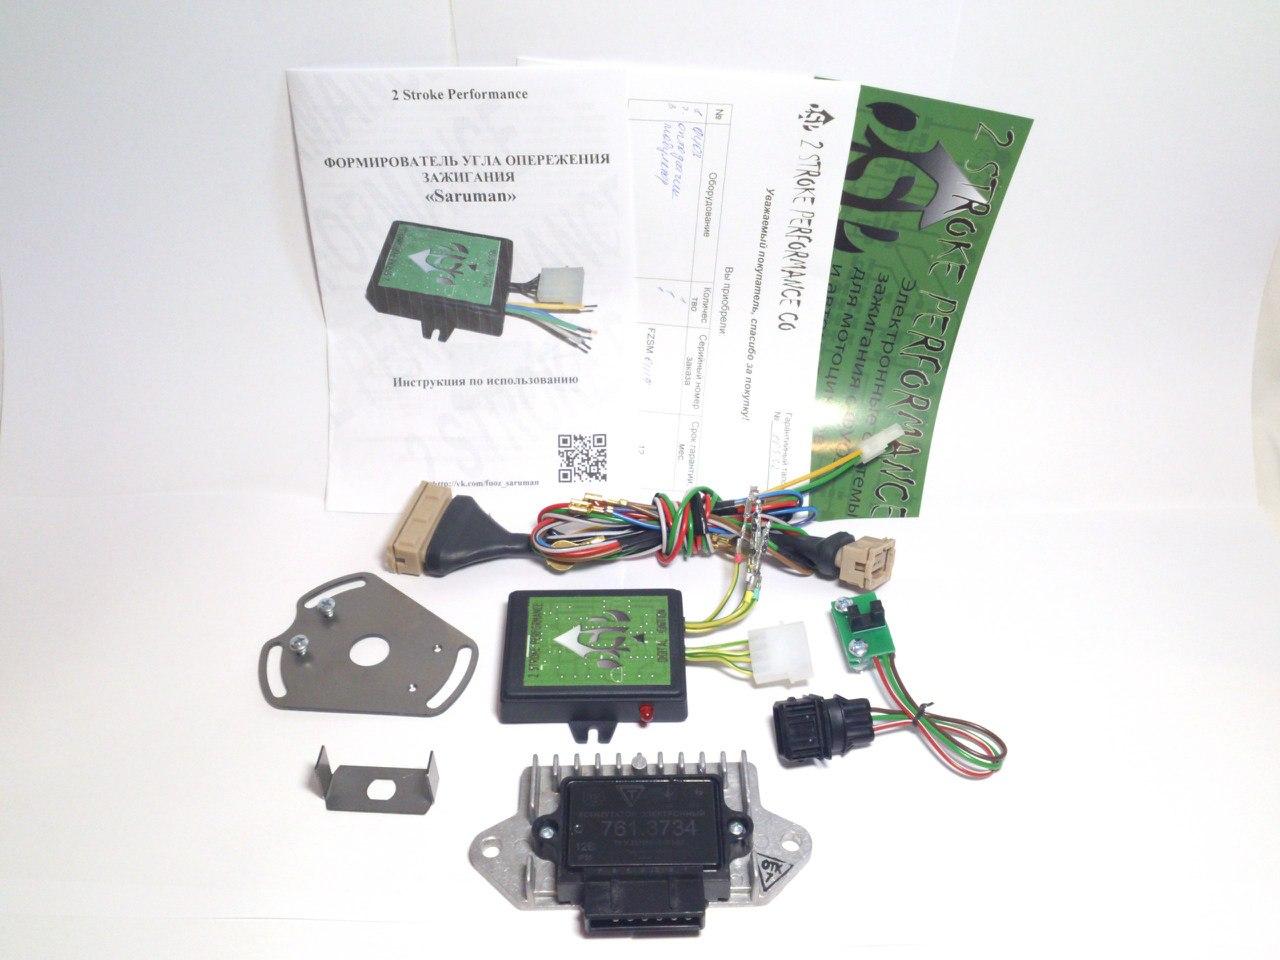 Производство БСЗ с ФУОЗ Саруман, бесконтактные системы зажигания, оптодатчики, лепестковые клапана